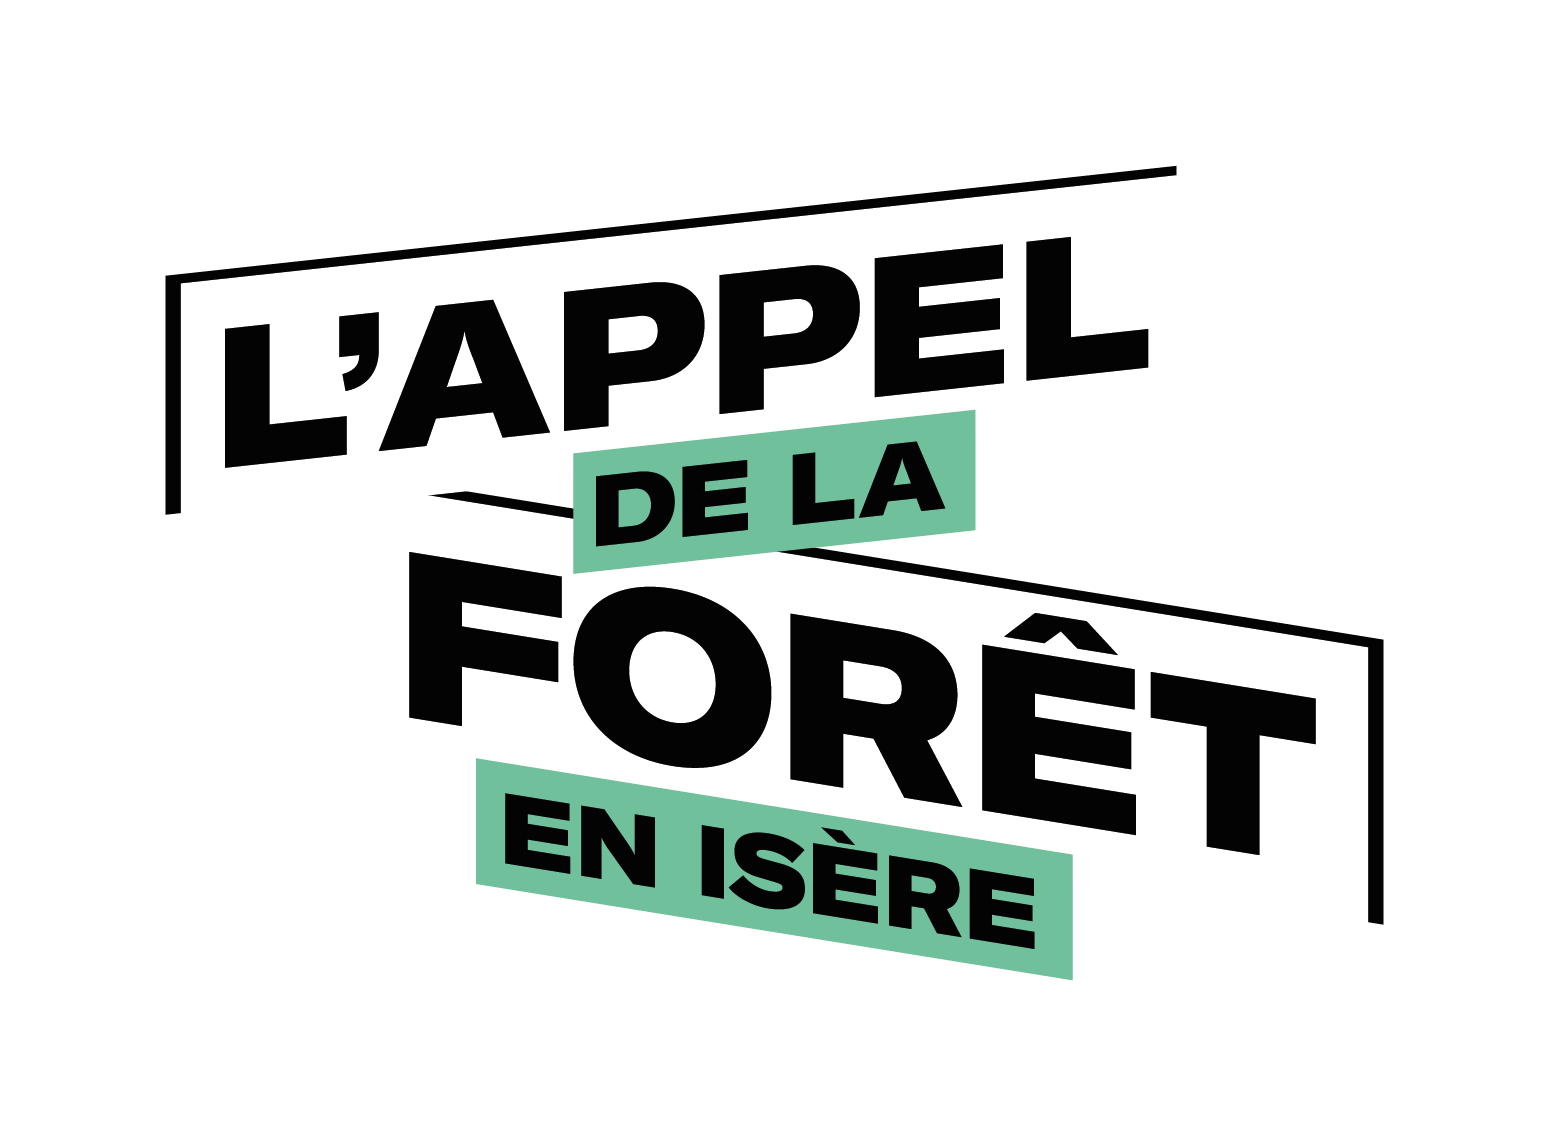 « L'Appel de la forêt », une nouvelle programmation culturelle et artistique portée par le Département de l'Isère, du 3 juillet 2021 jusqu'à fin 2022. Dix-huit mois de programmation avec des expositions et des animations proposant différentes approches de la forêt.